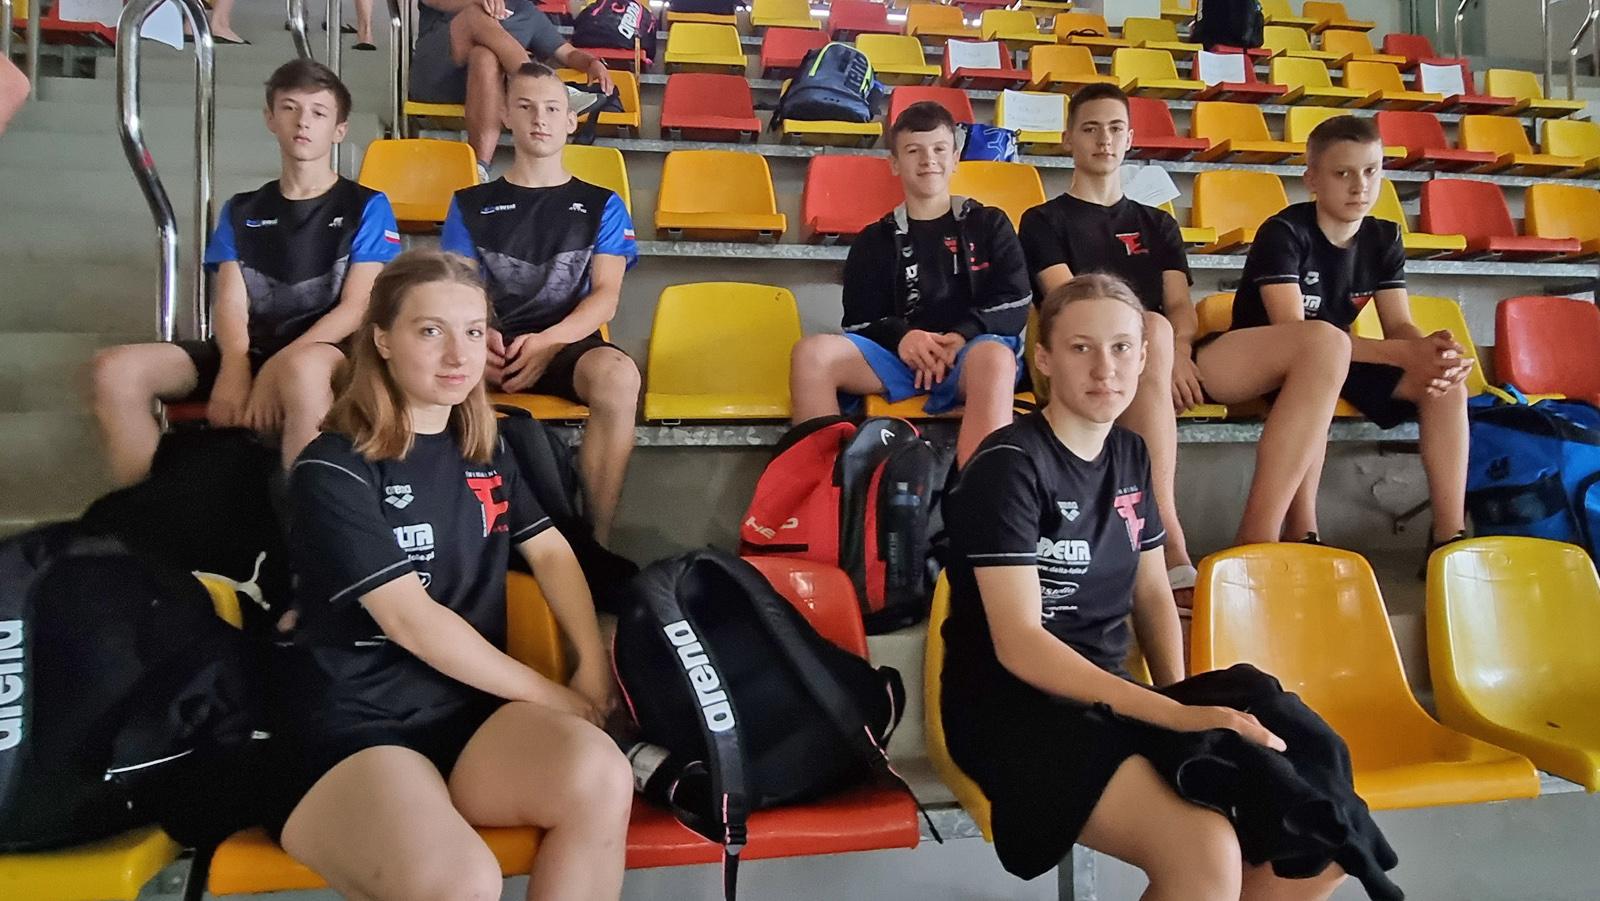 Świetny wynik naszych pływaków na mistrzostwach w Olsztynie [ZDJĘCIA] - Zdjęcie główne